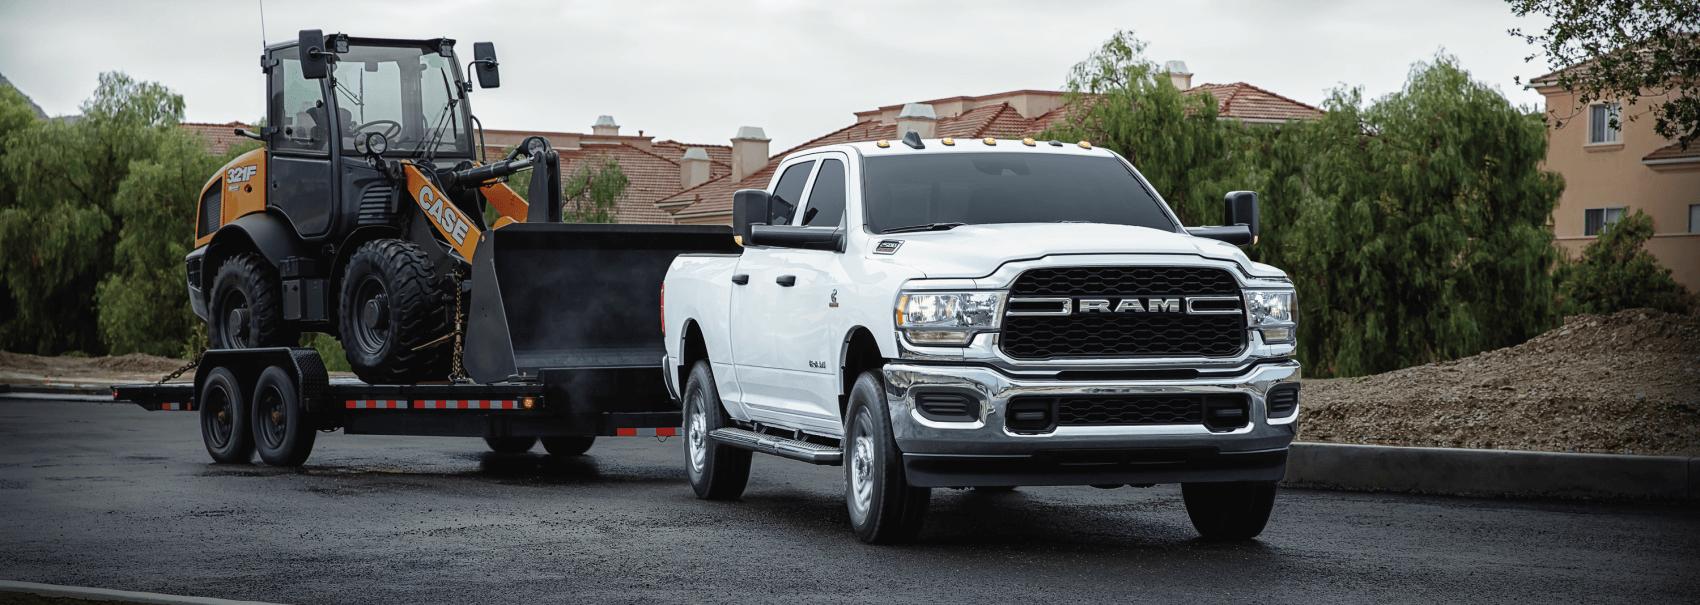 2021 Ram 2500 White Towing